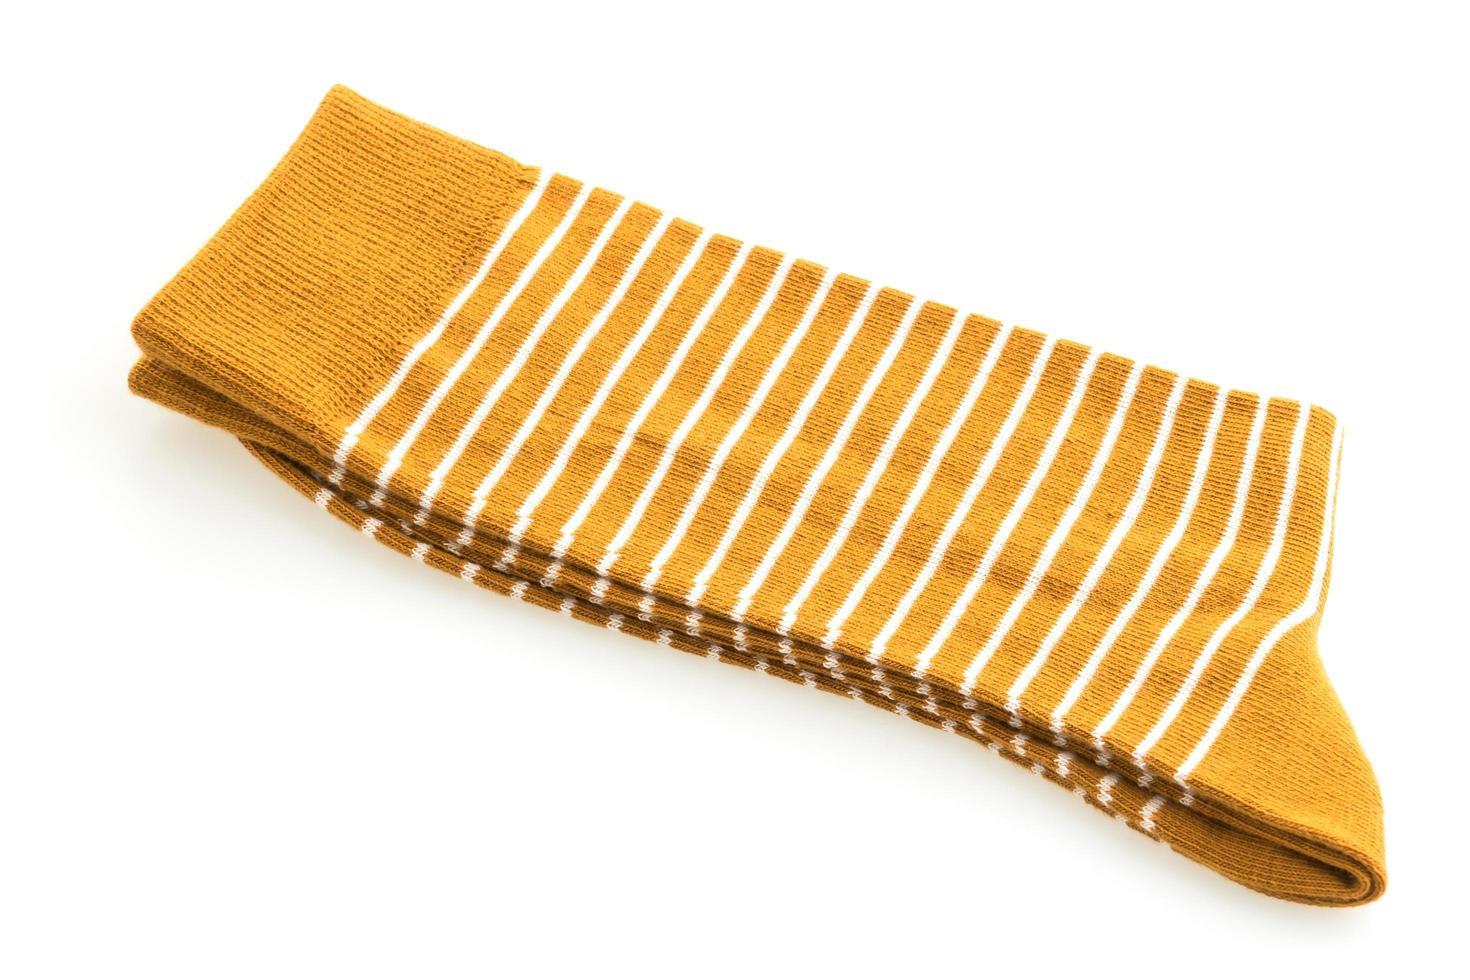 une paire de chaussettes sur fond blanc photo